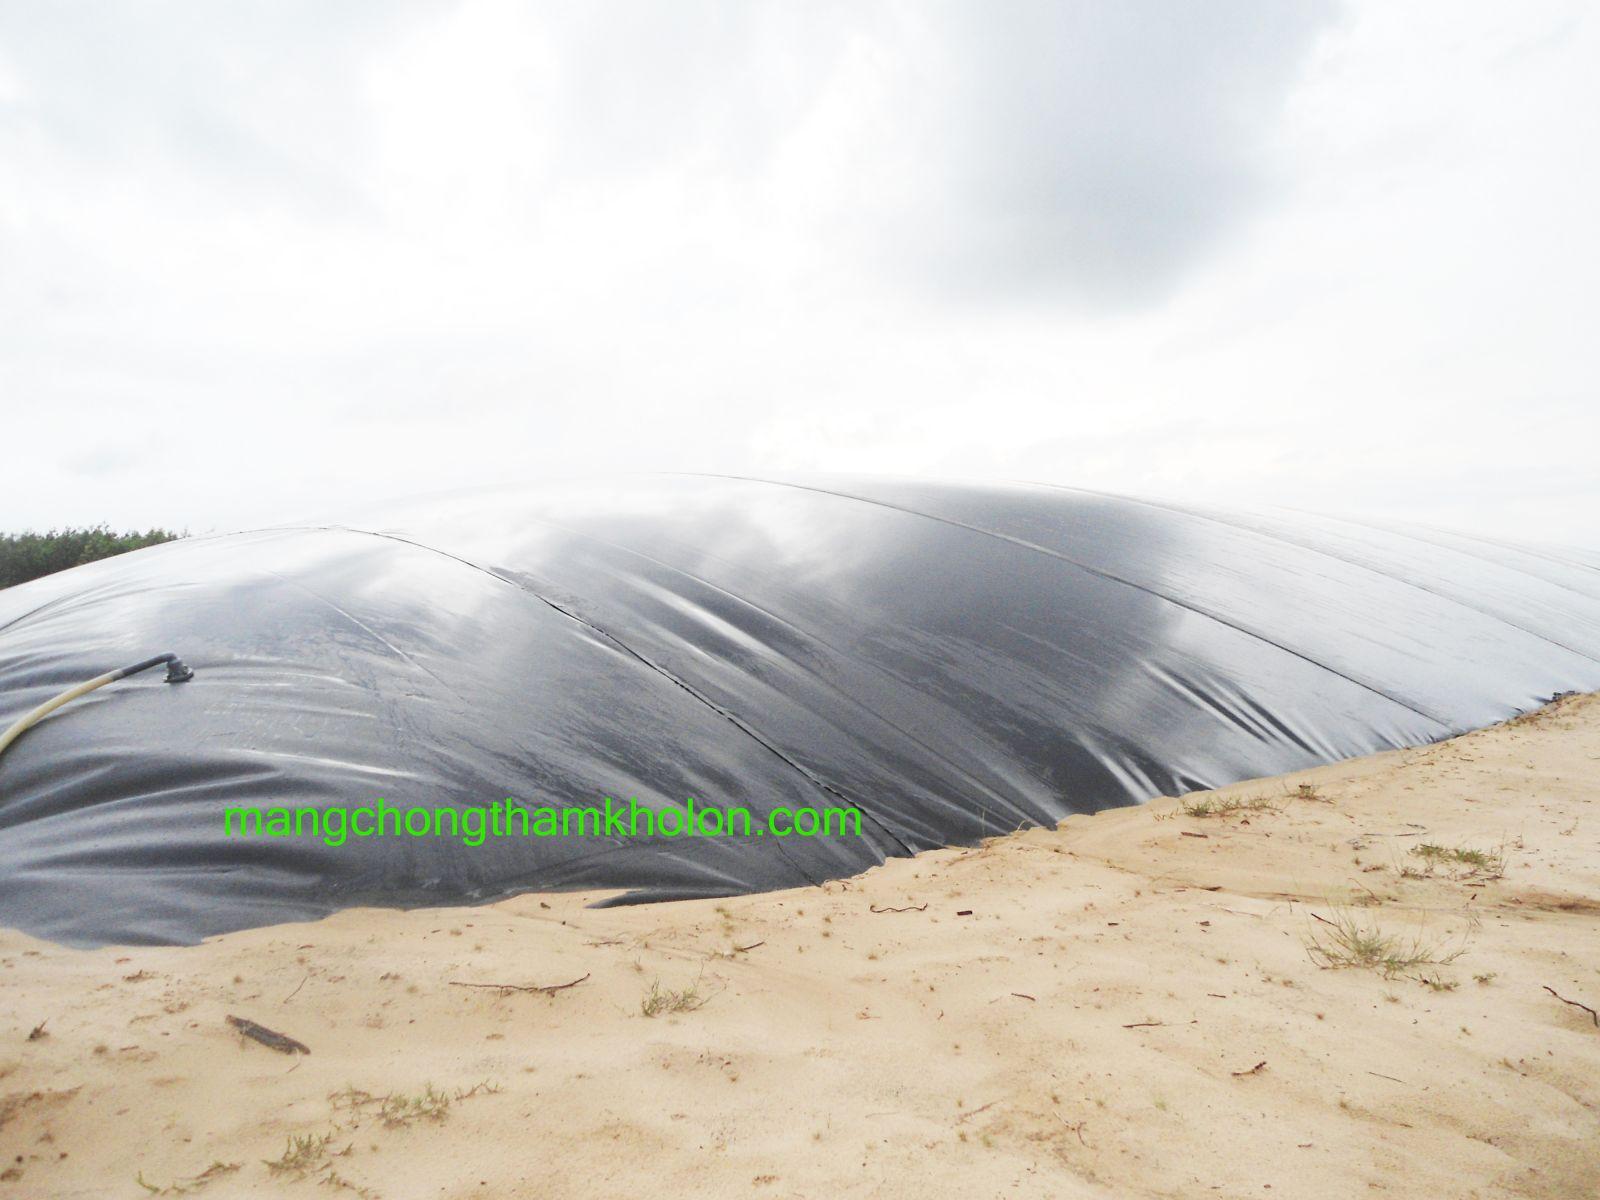 màng chống thấm hdpe dự án lót hầm biogas